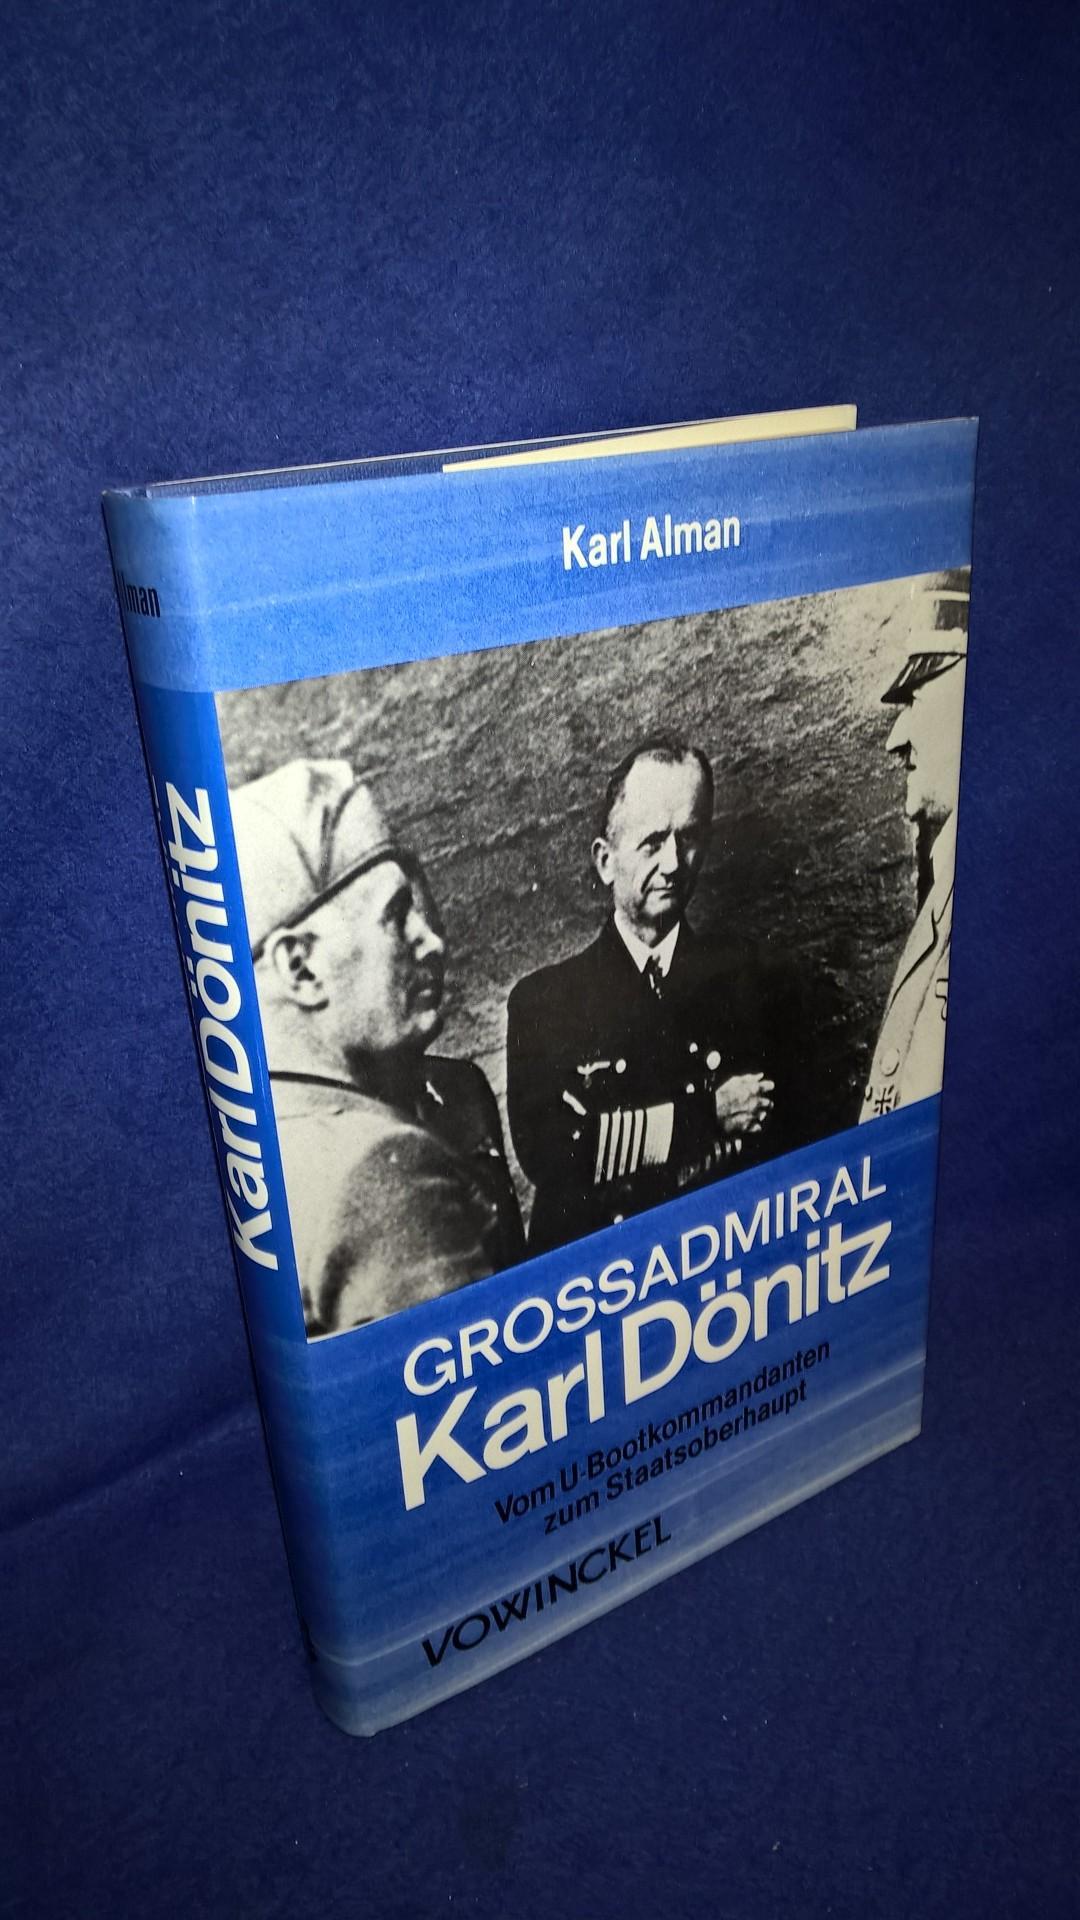 Großadmiral Karl Dönitz Vom U-Boot-Kommandanten zum Staatsoberhaupt